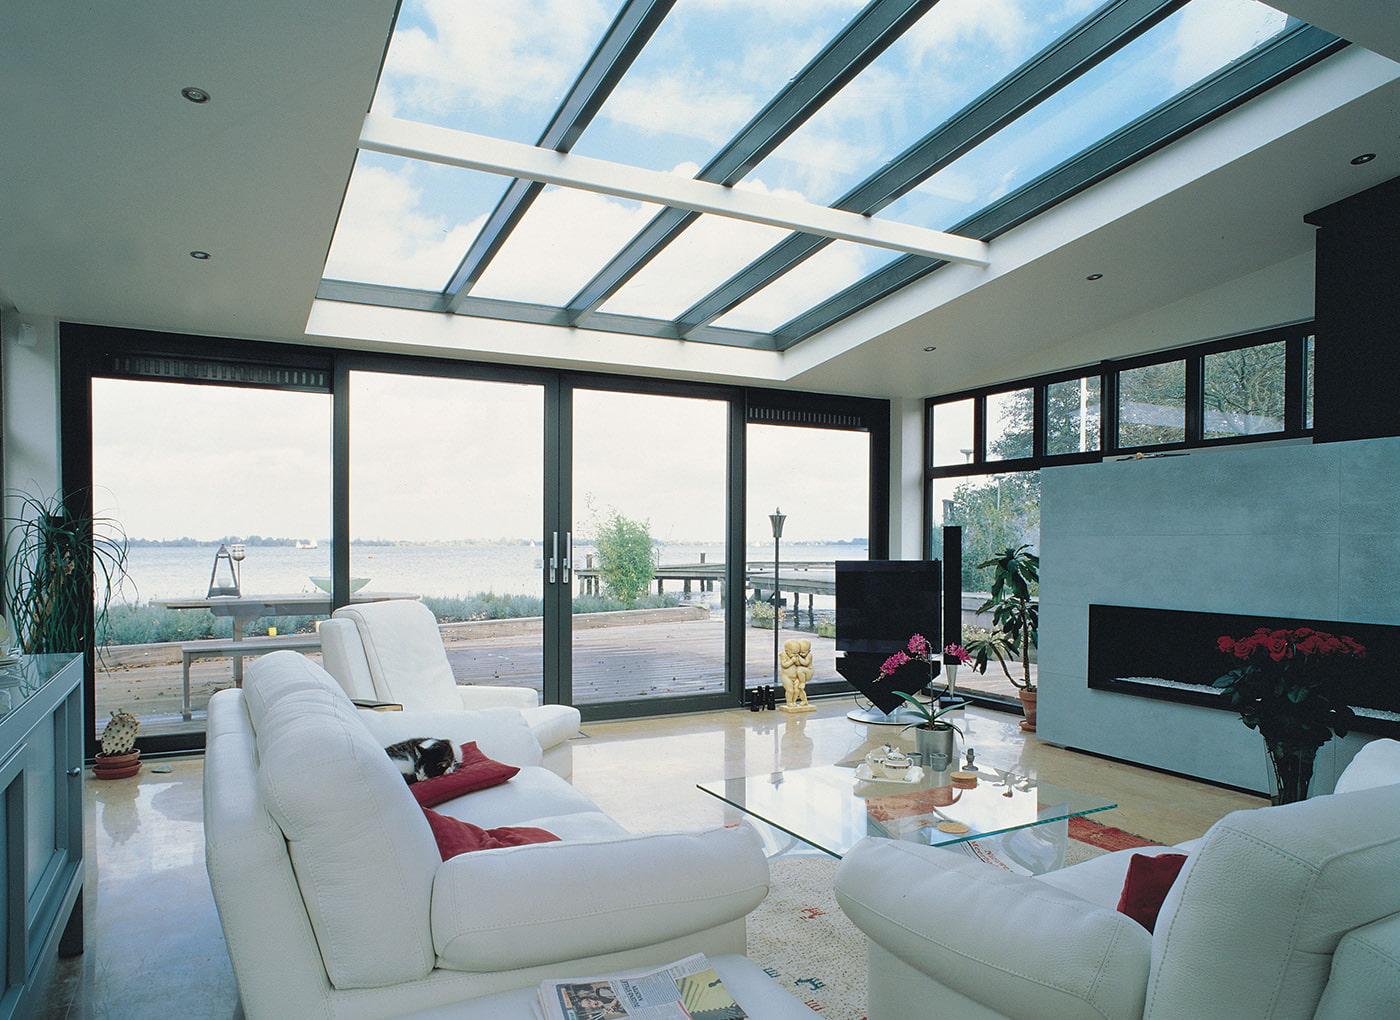 интерьер гостиной в загородном доме с панорамными окнами